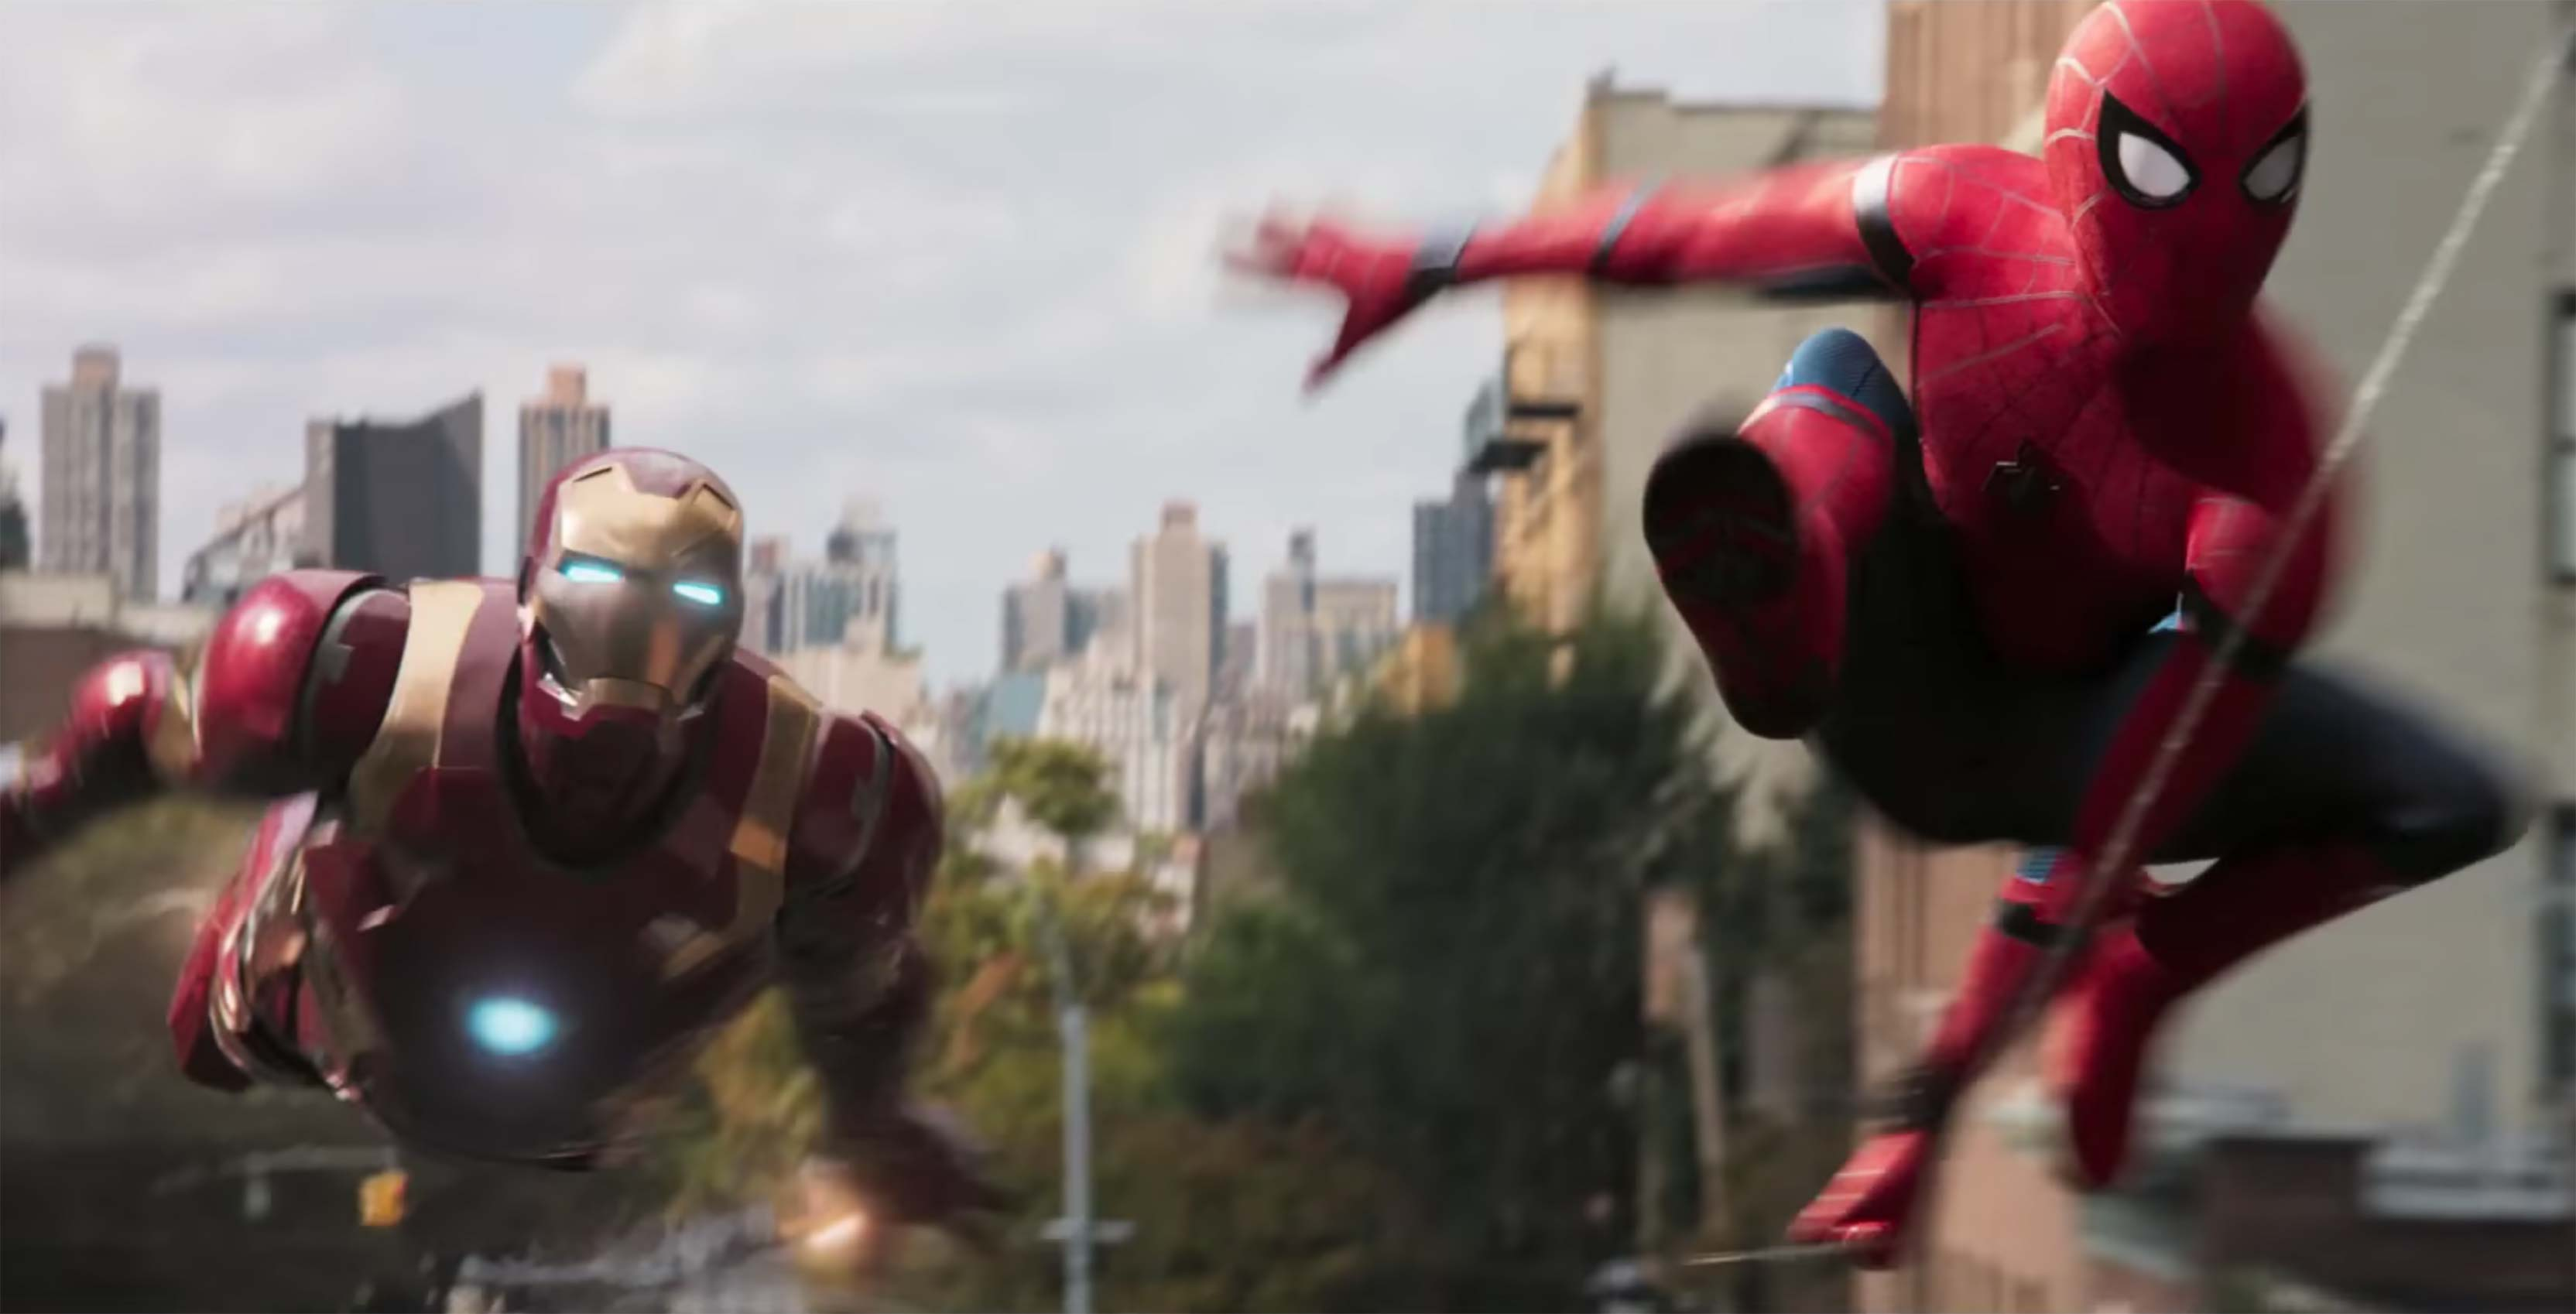 Spider-Man with Iron Man